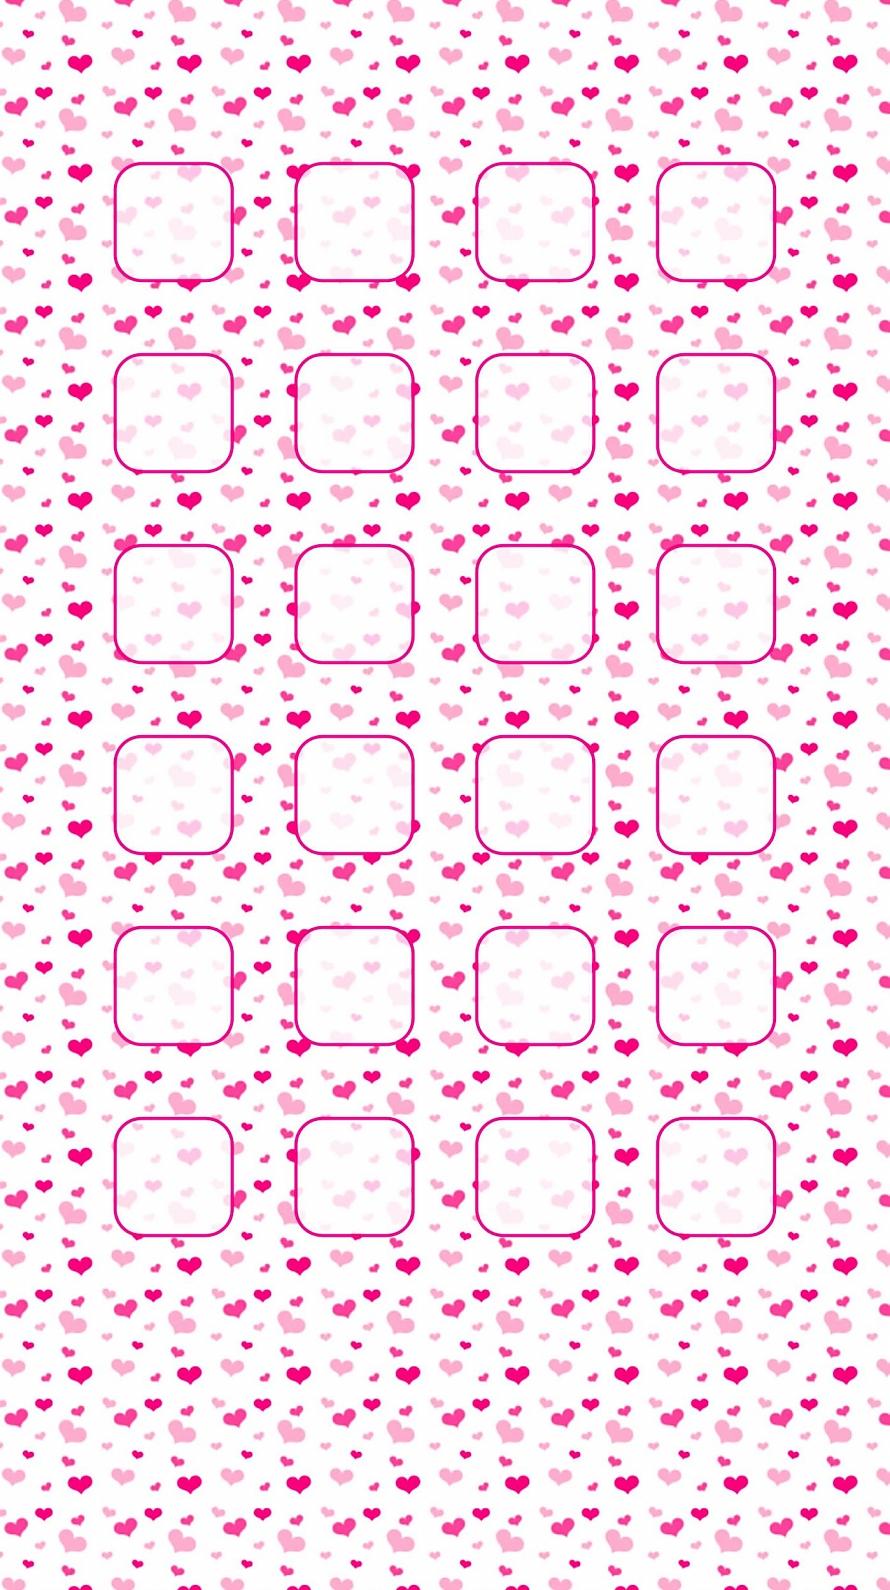 ピンク ハート かわいいiphone6壁紙 Wallpaperbox